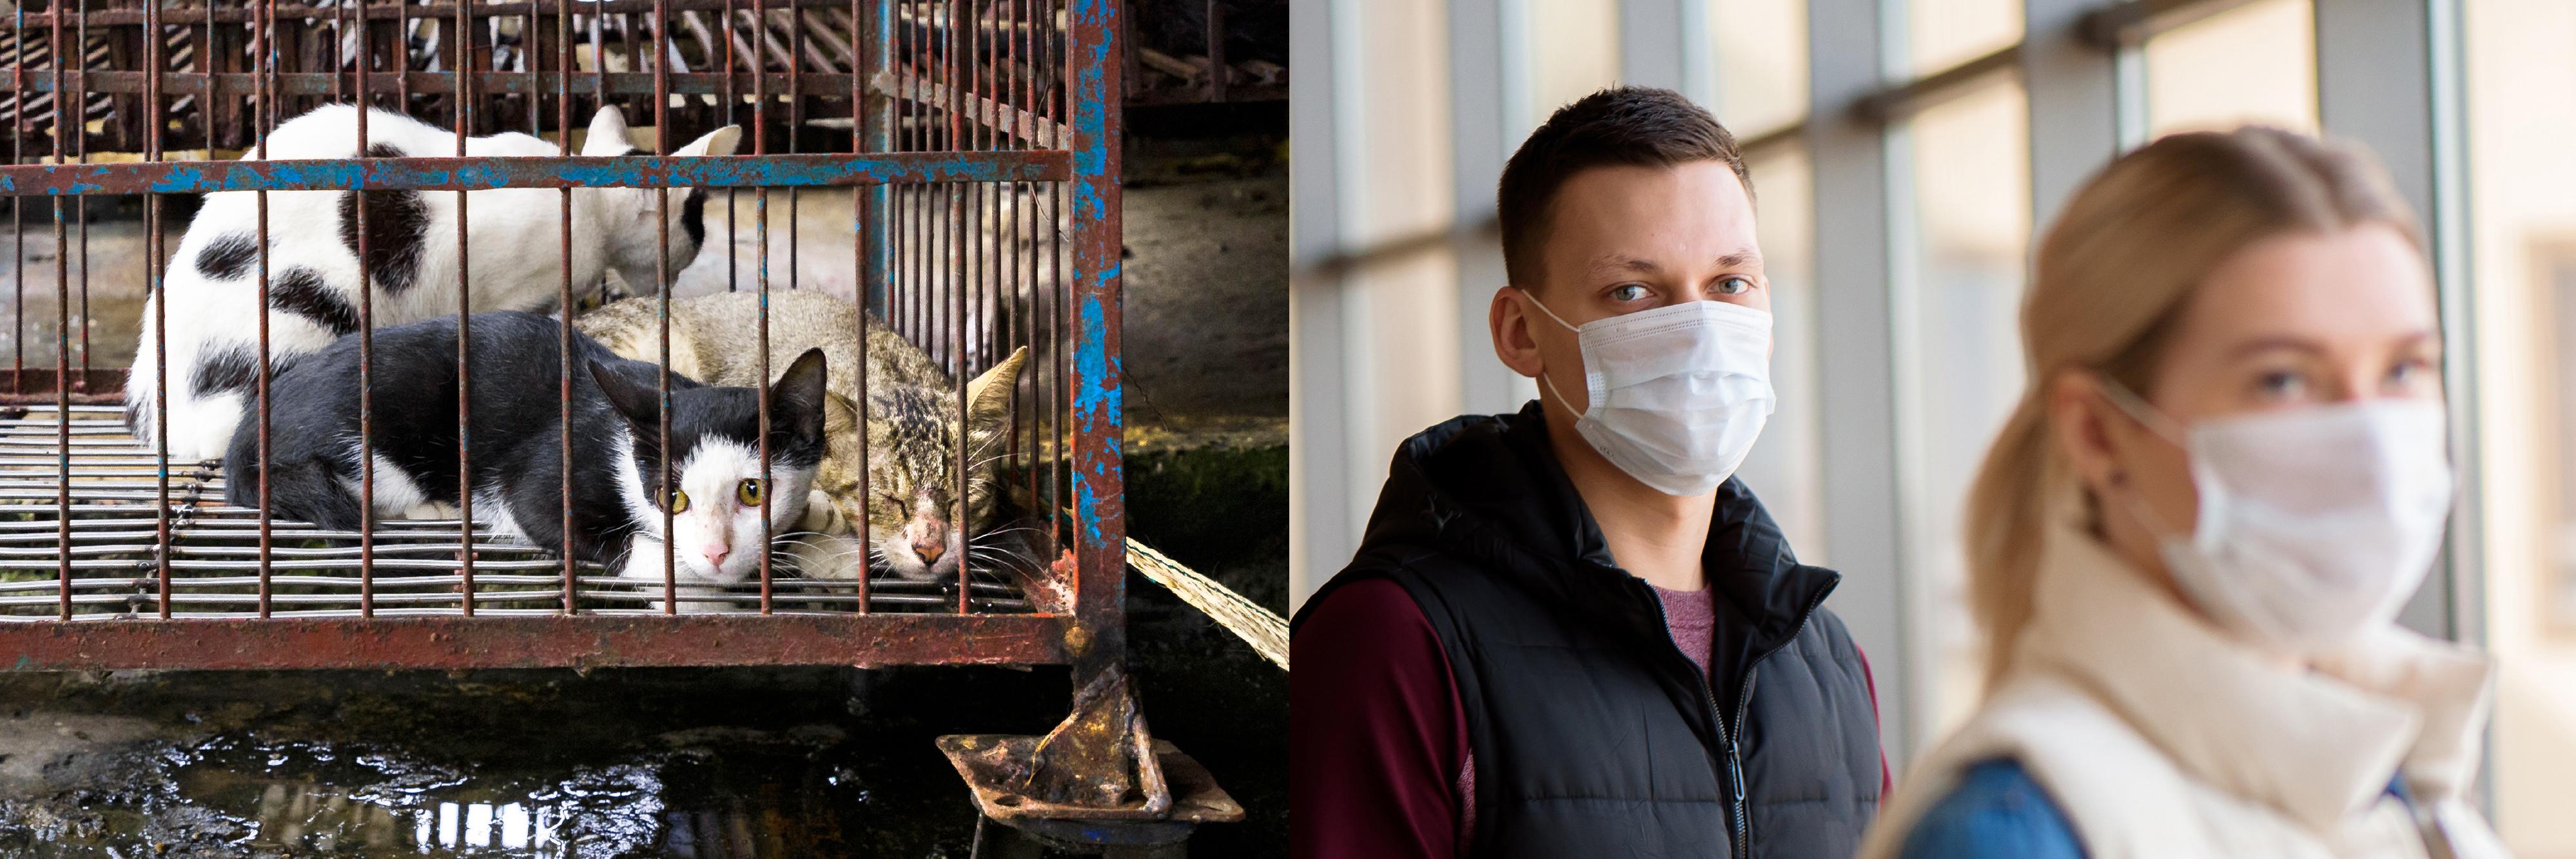 Die nächste Pandemie? - Eine Gefahr für Mensch und Tier